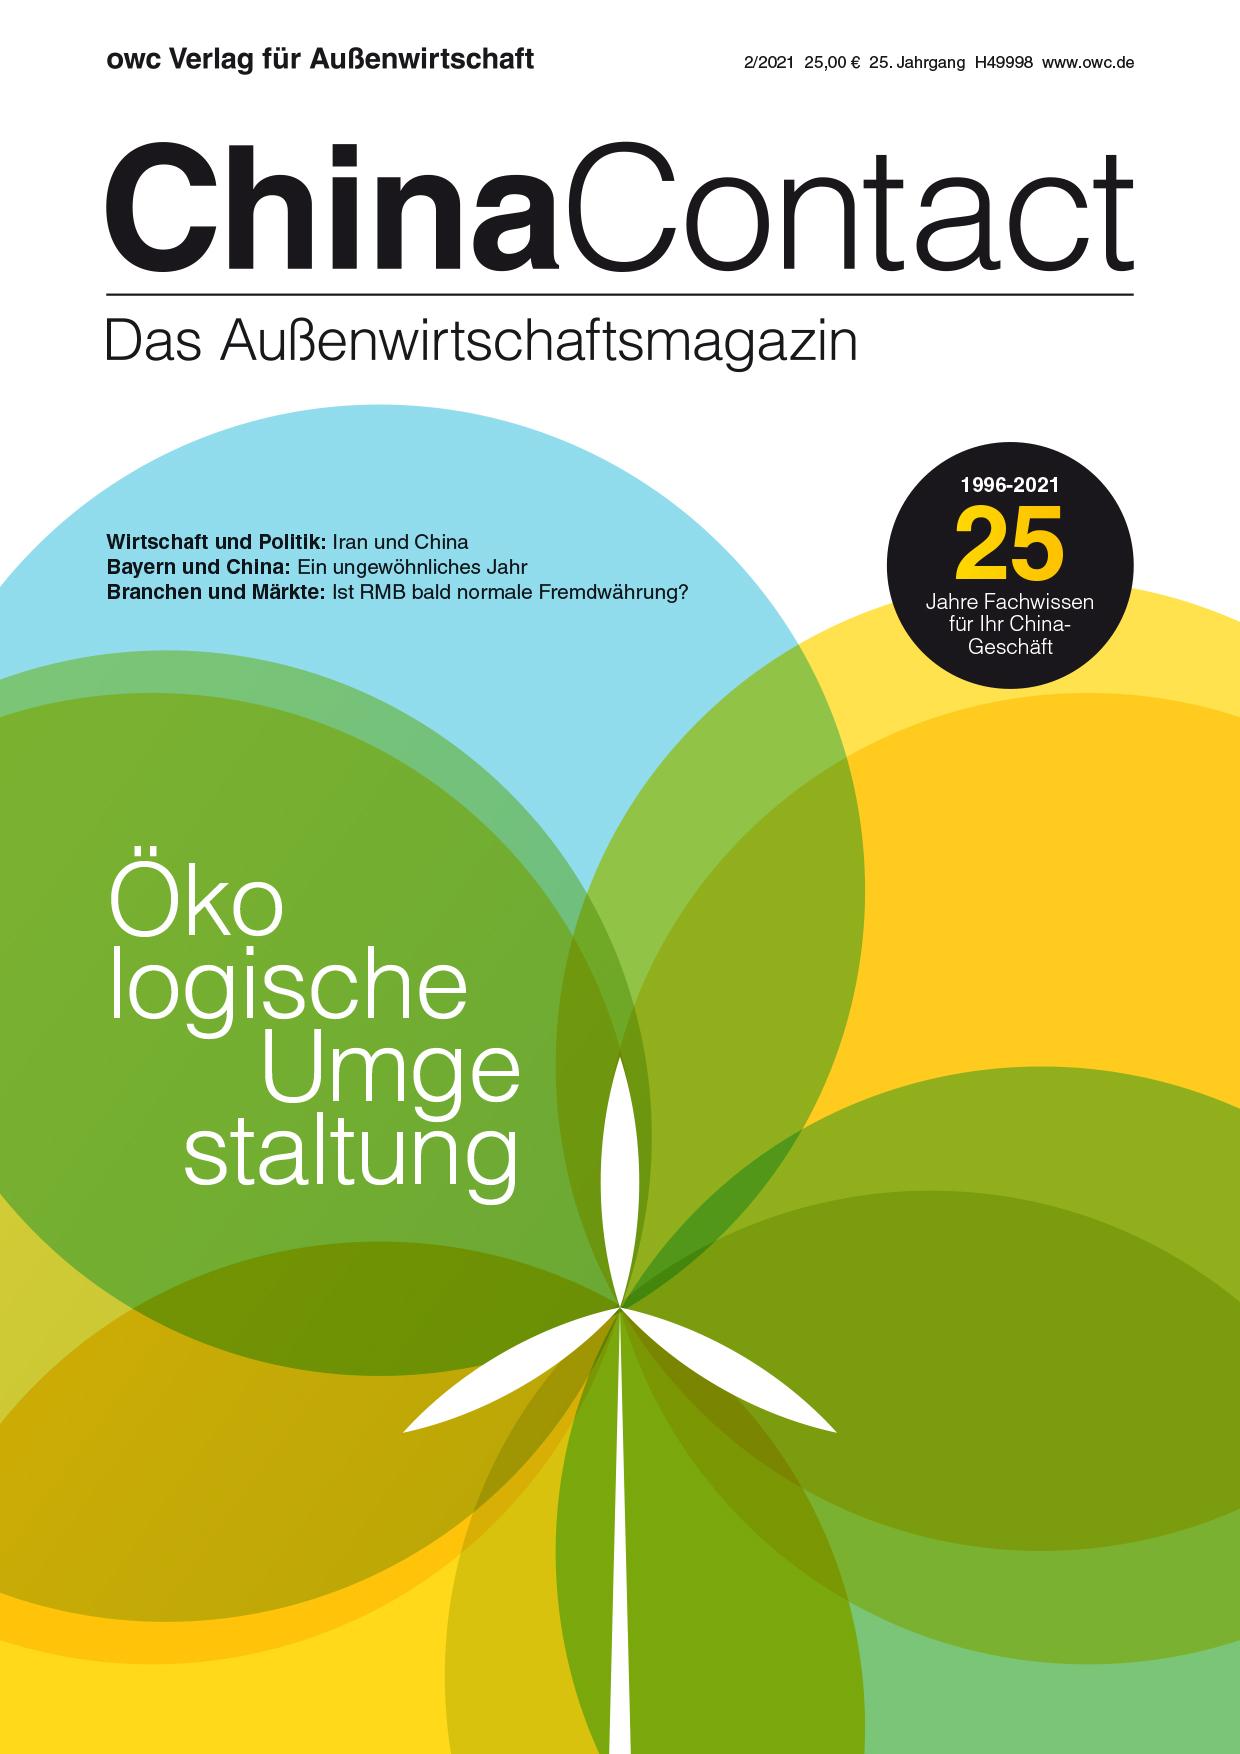 https://owc.de/wp-content/uploads/2021/05/CC_2-2021-cover.jpg